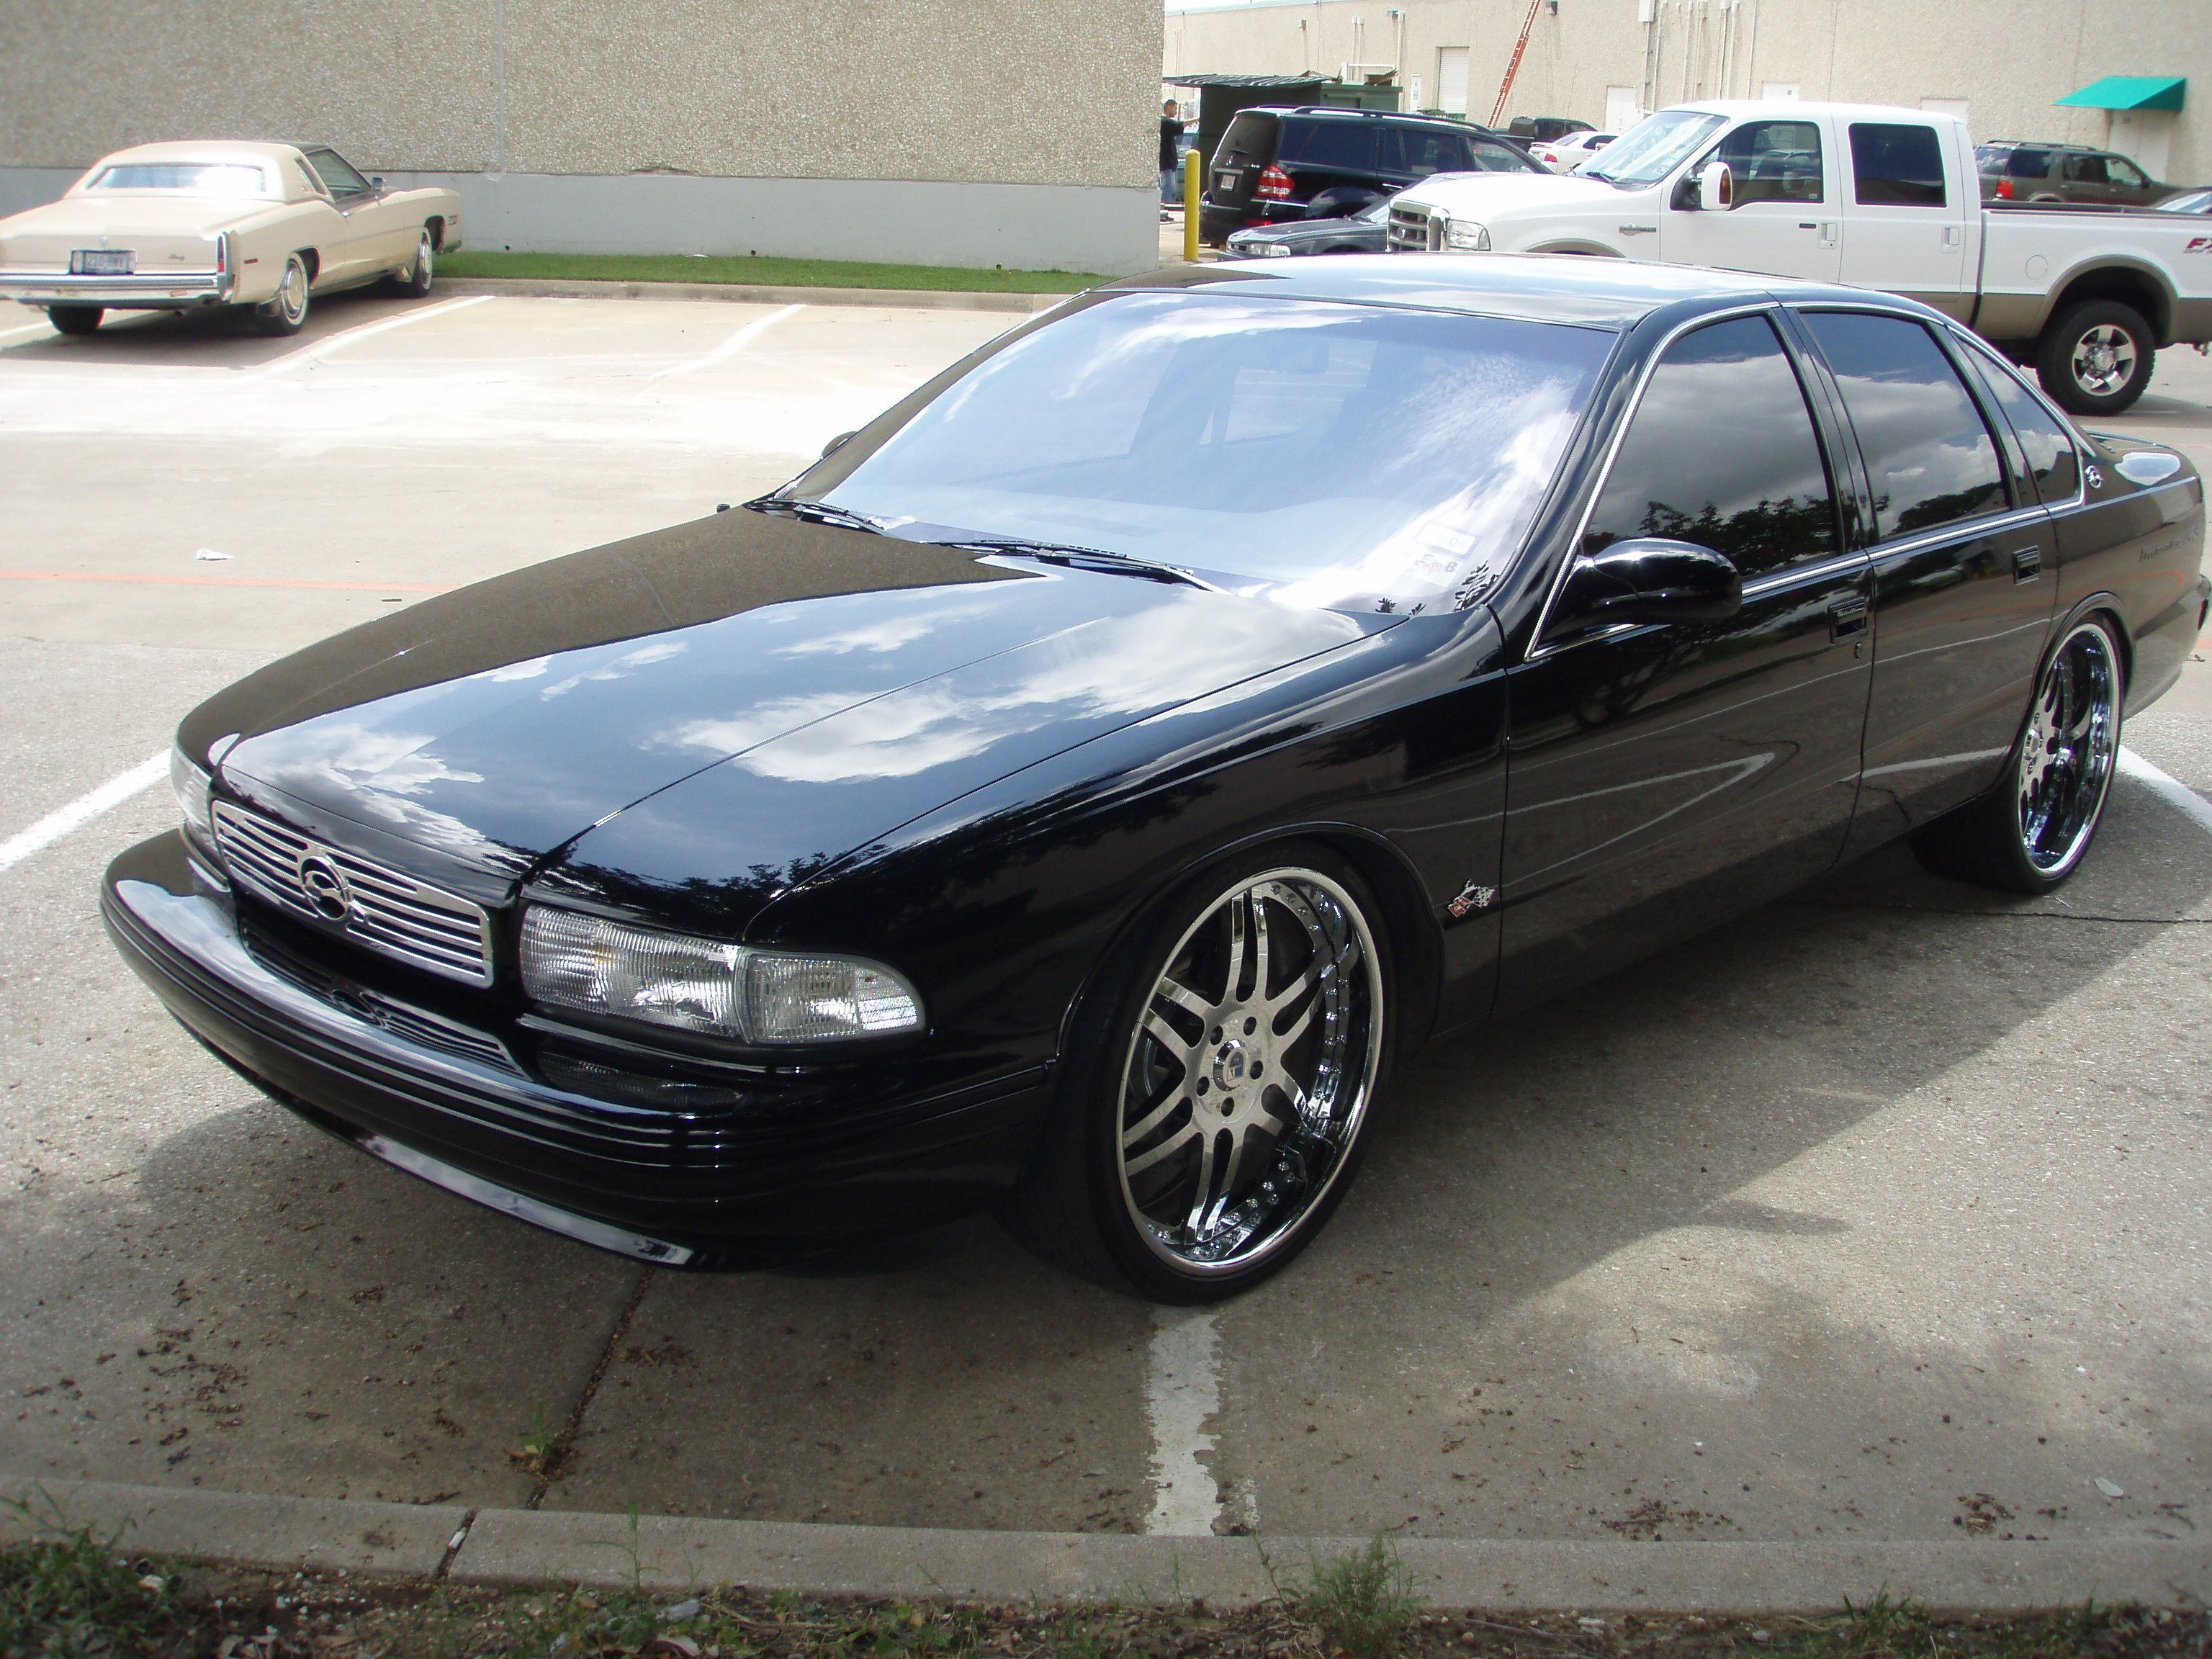 Impala on 22s 2006 chevrolet impala ss my cars pinterest 2006 chevrolet impala chevrolet impala and impalas